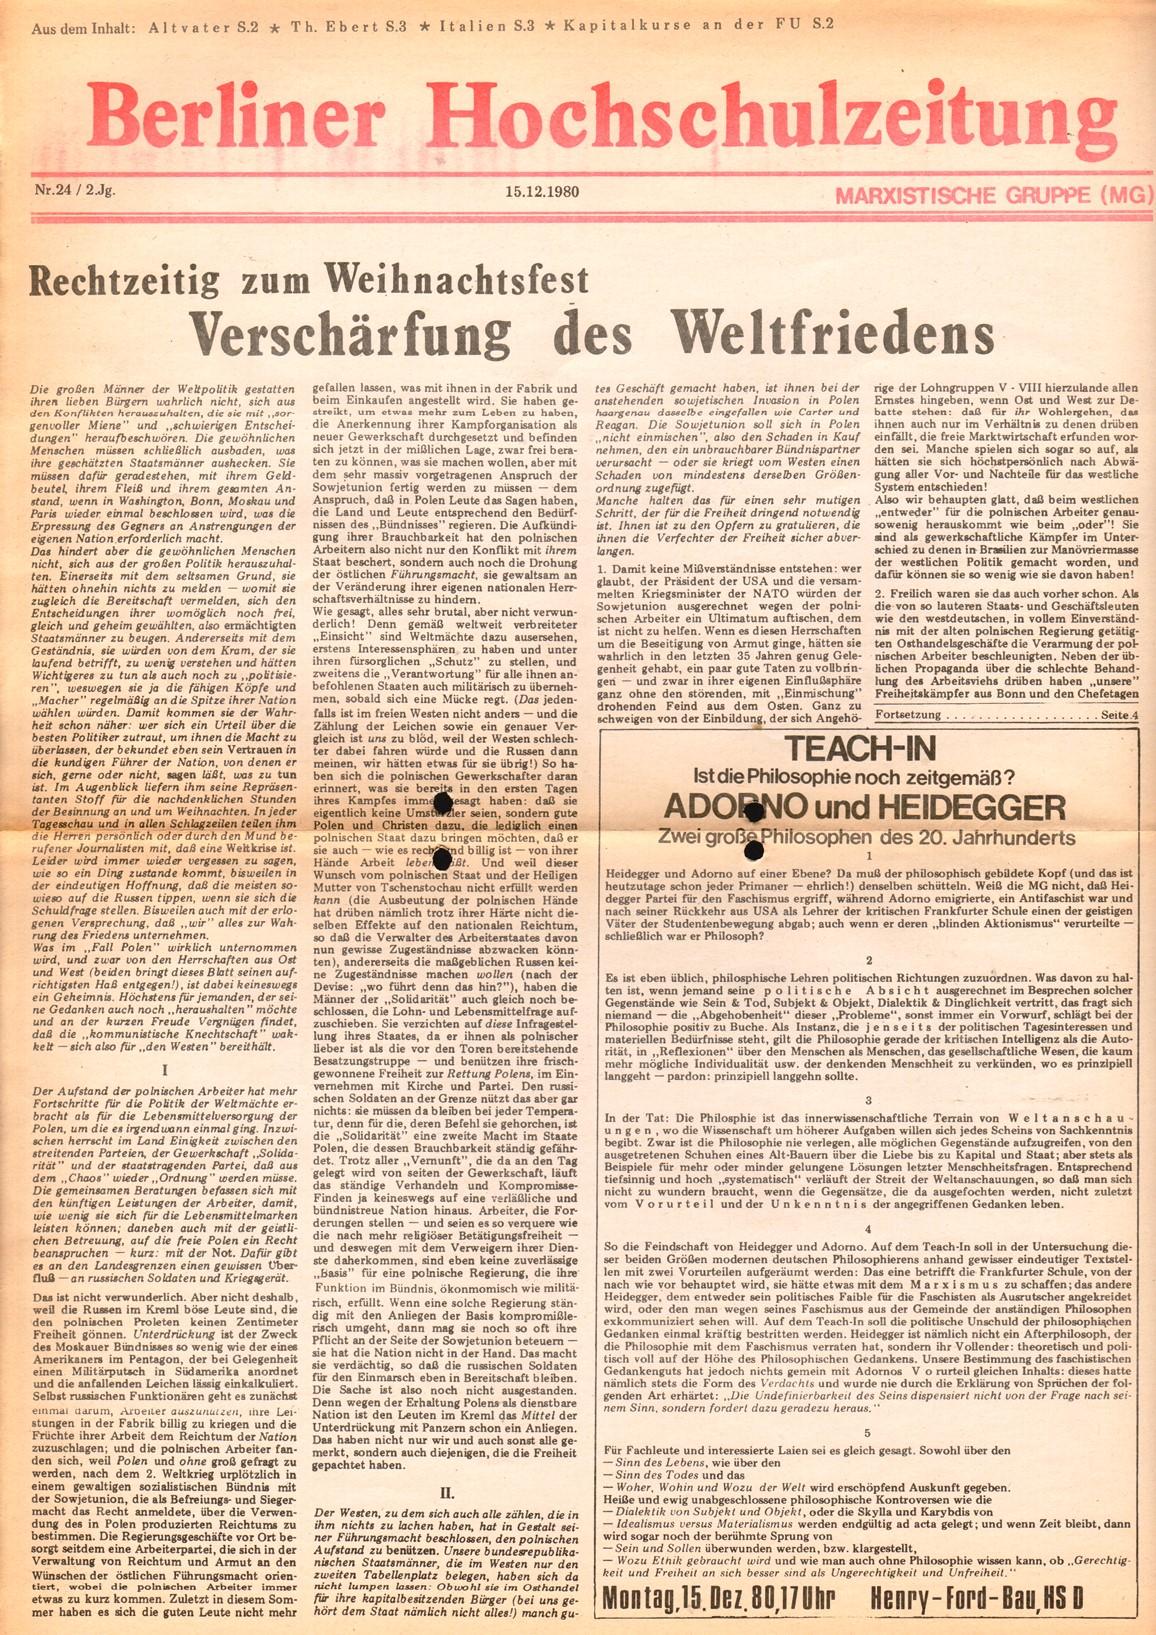 Berlin_MG_Hochschulzeitung_19801215_01